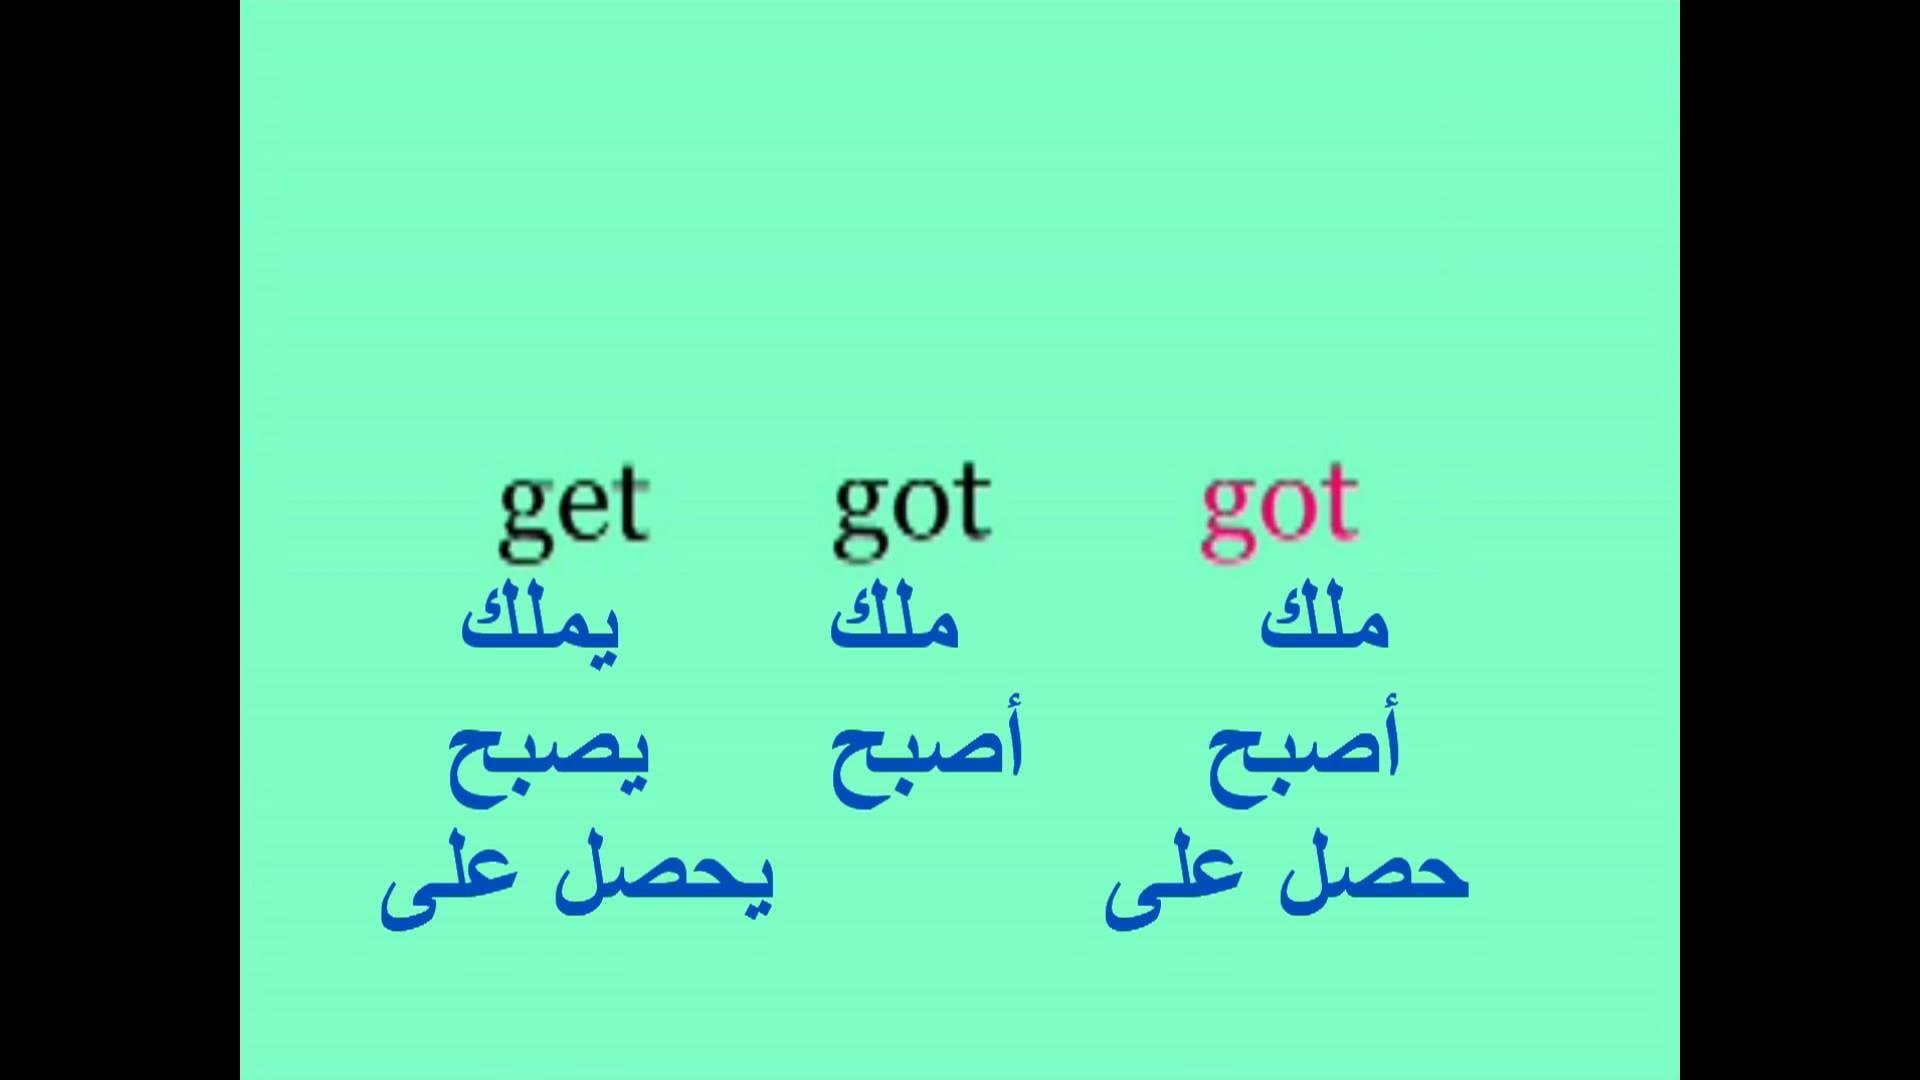 صيغ الافعال في اللغة الانجليزية